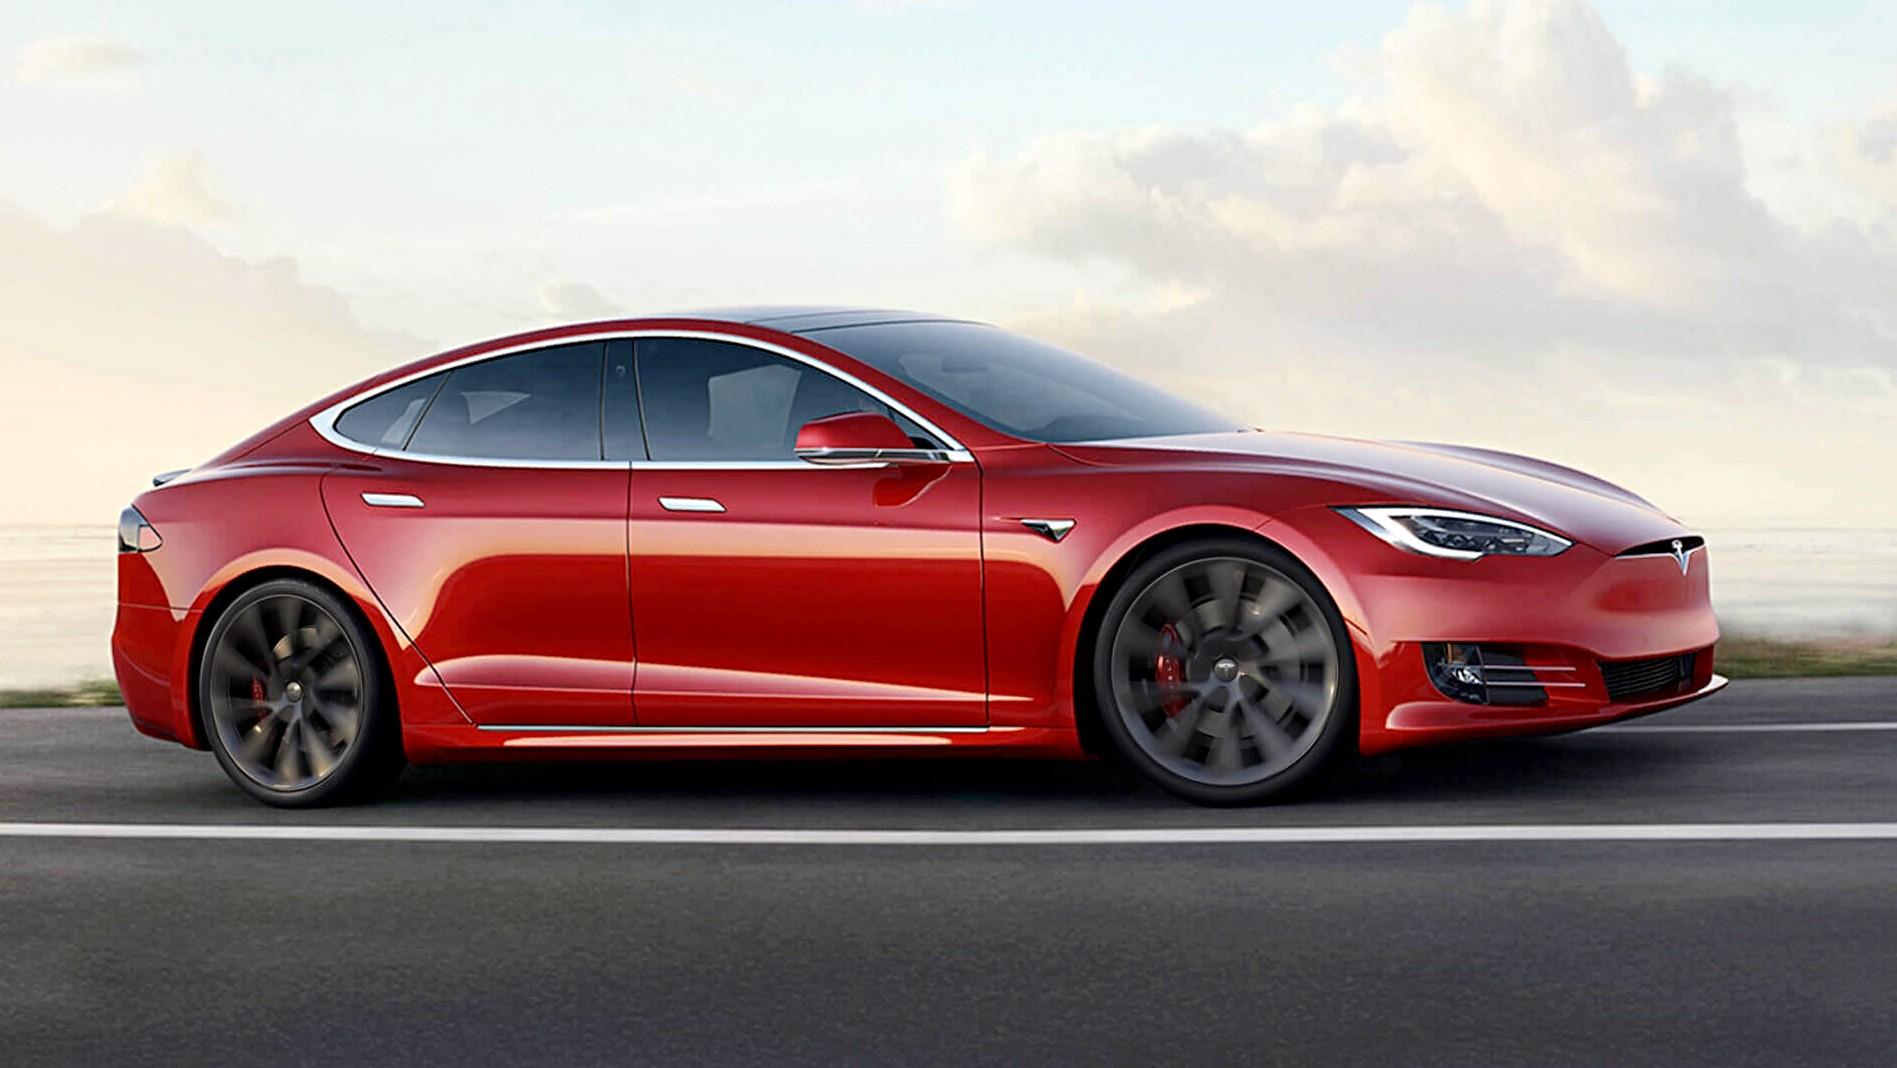 Долгоиграющая Tesla Model S: теперь 647 км на одной зарядке